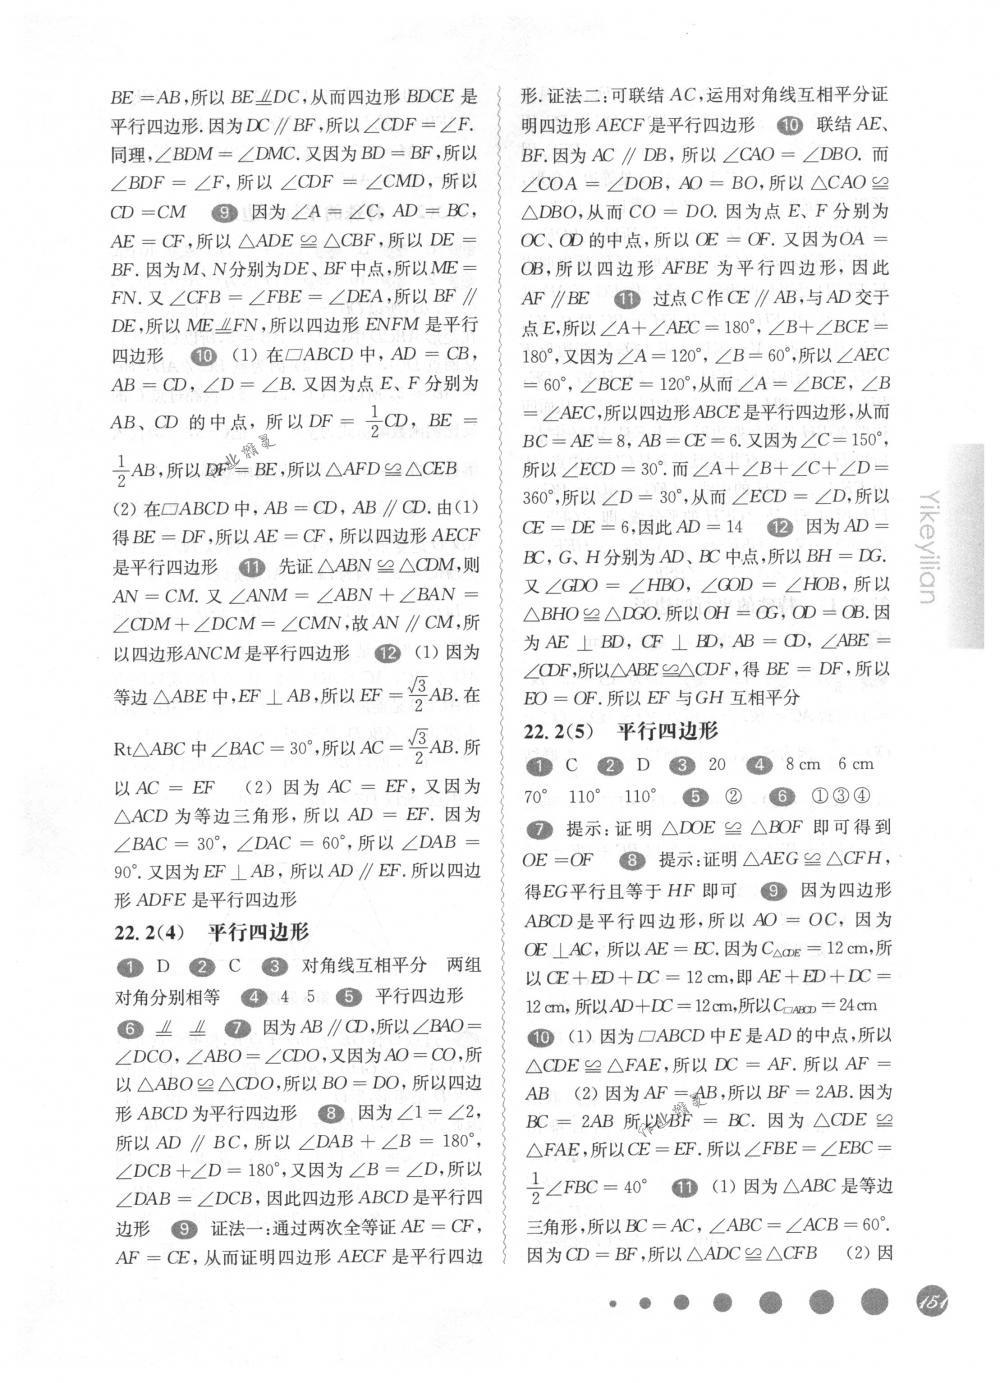 2018年华东师大版一课一练八年级数学第二学期沪教版第10页